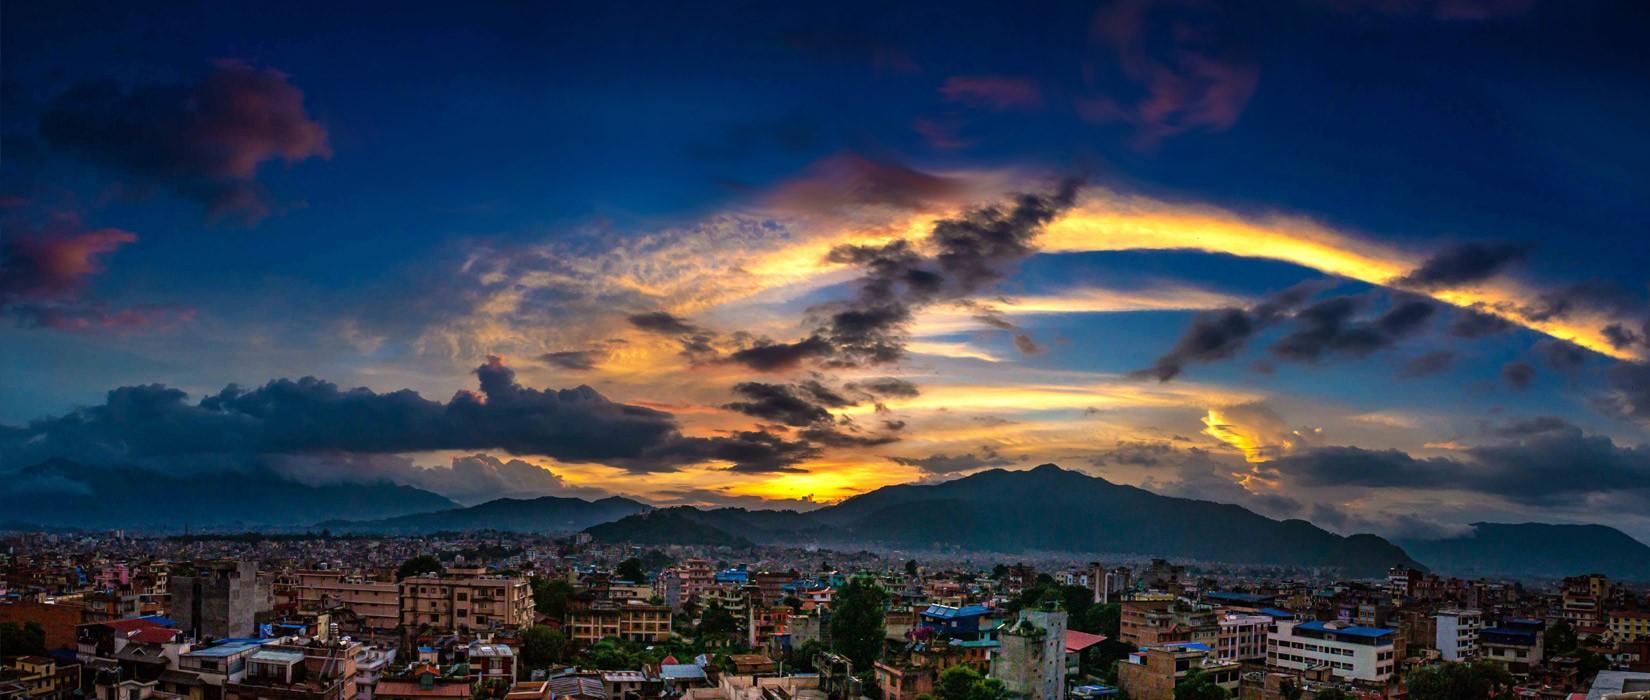 skyline as seen from Marpha Bar